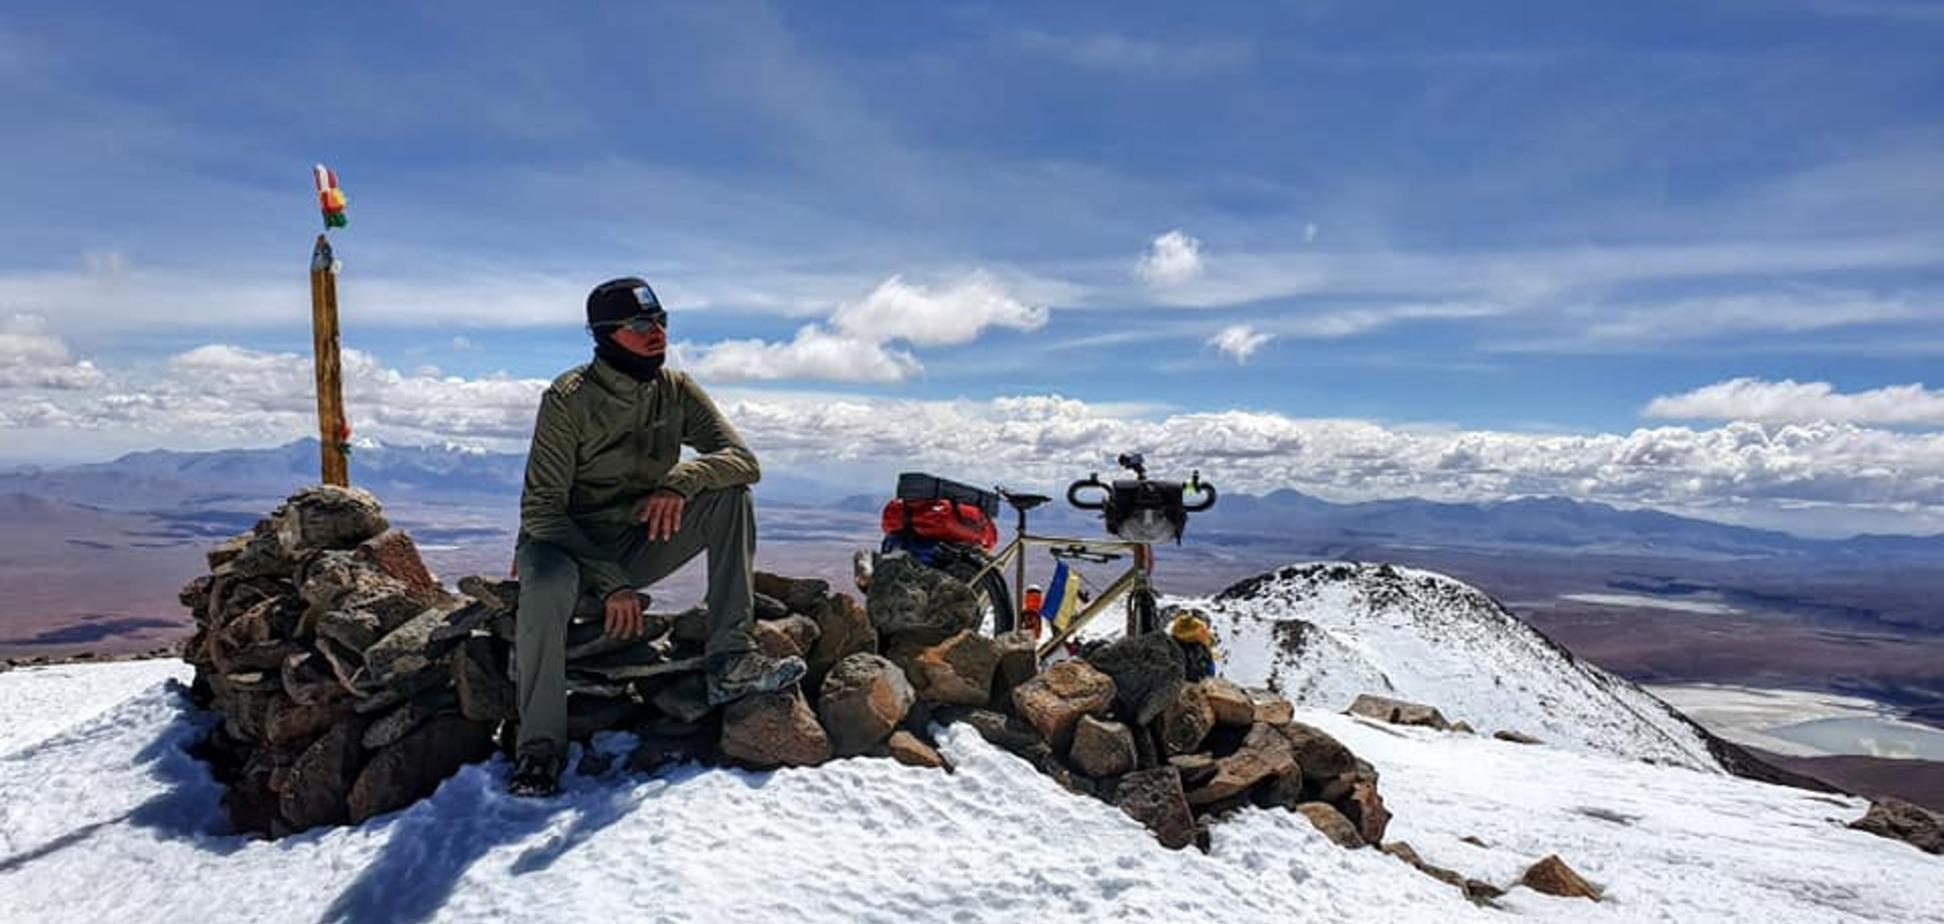 Украинец покорил вулкан высотой более 6000 метров на велосипеде. Фото и видео